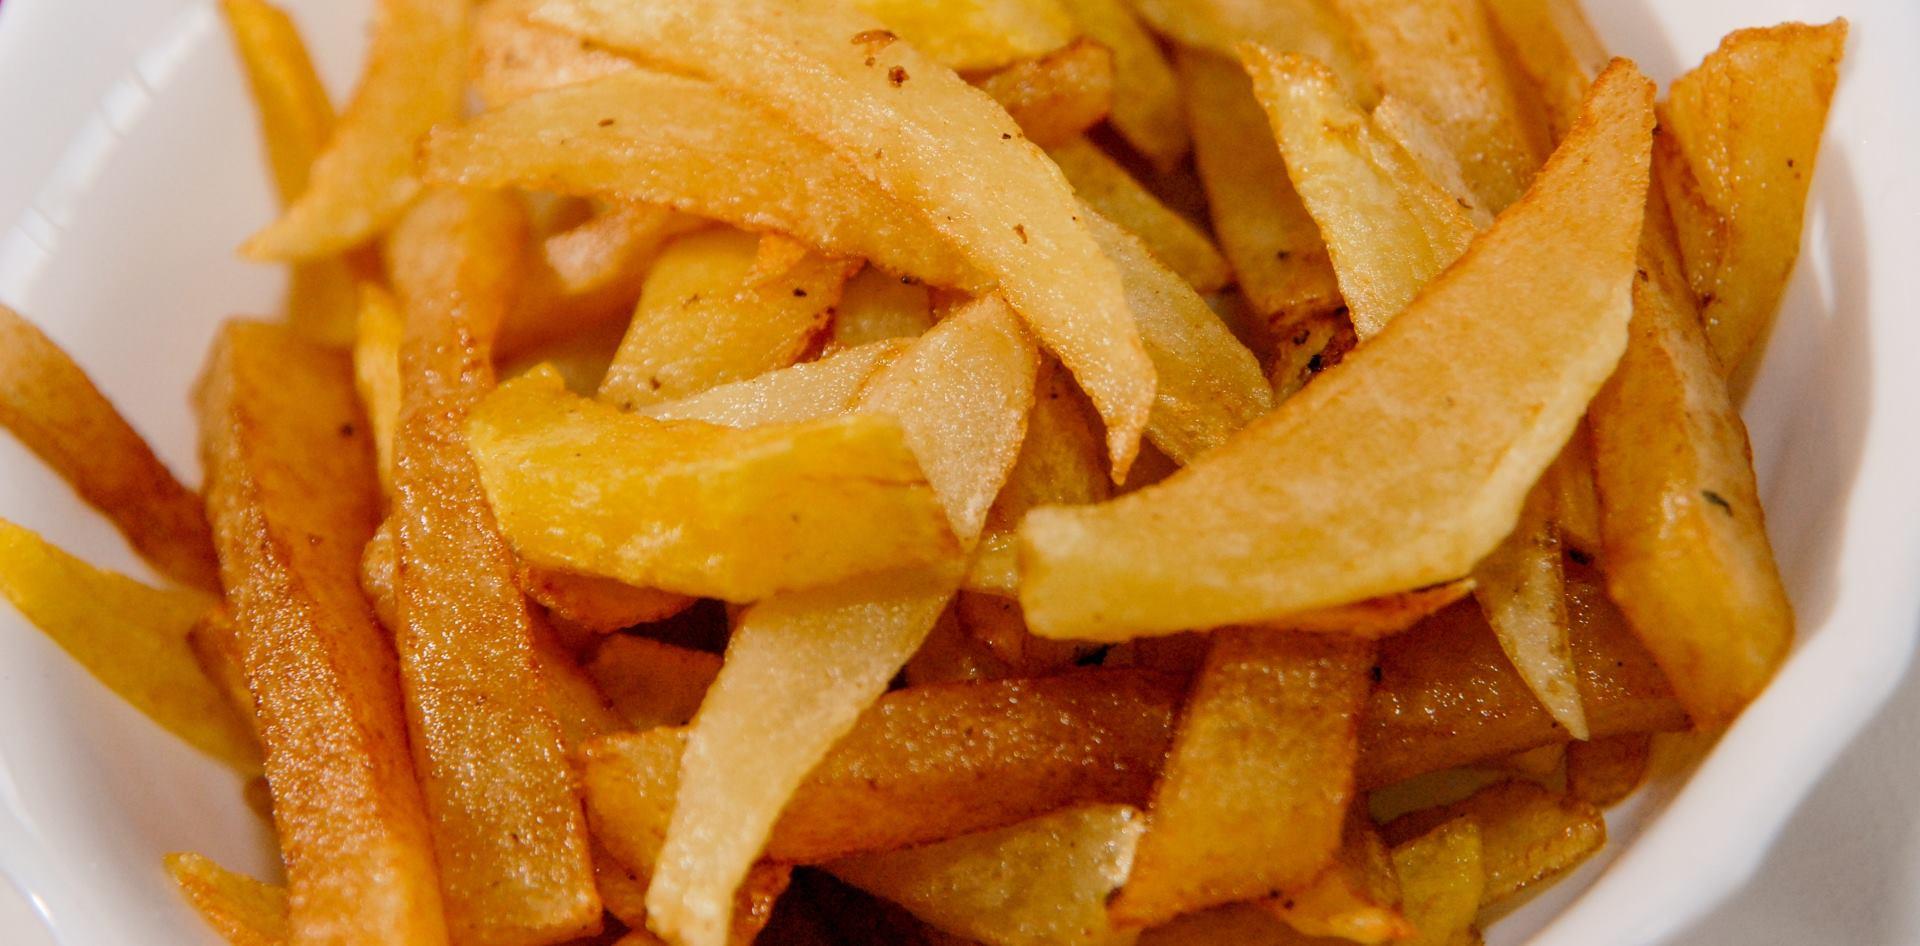 ZANIMLJIV EKSPERIMENT Znanstvenici tvrde kako okus masnog spada među pet osnovnih okusa